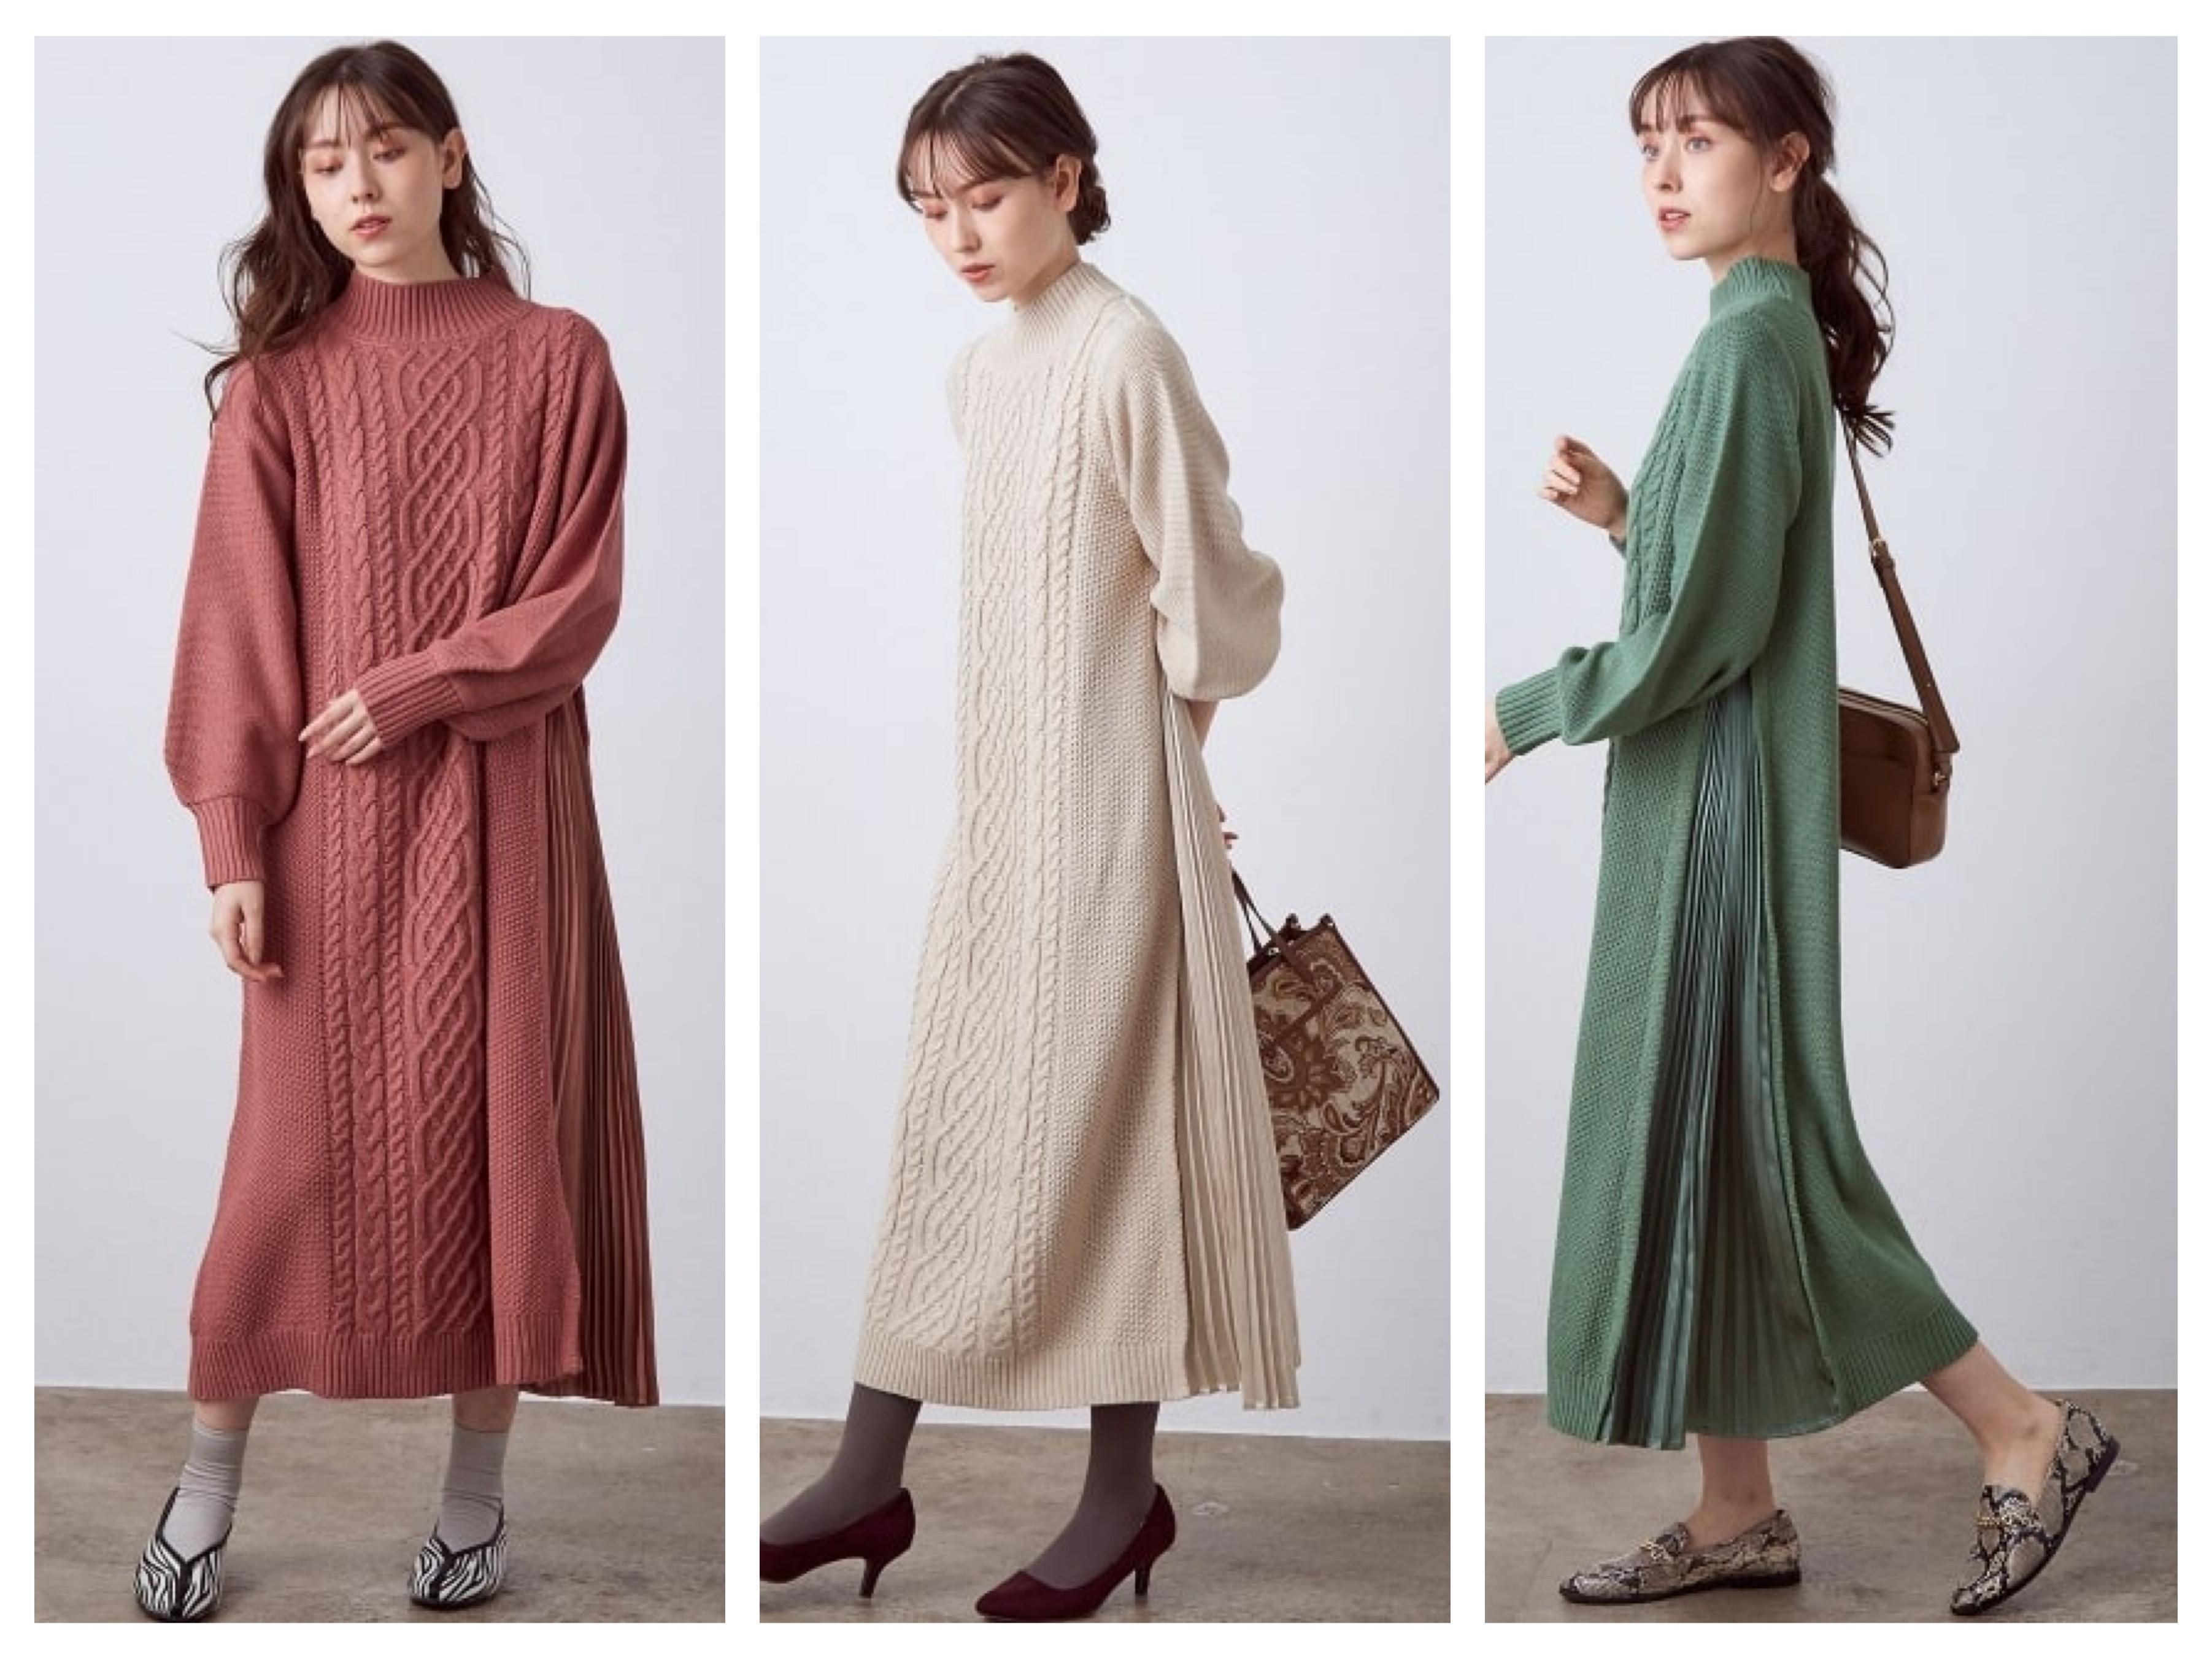 https://emifull.jp/shop/vis/images/IMG_8244.JPG